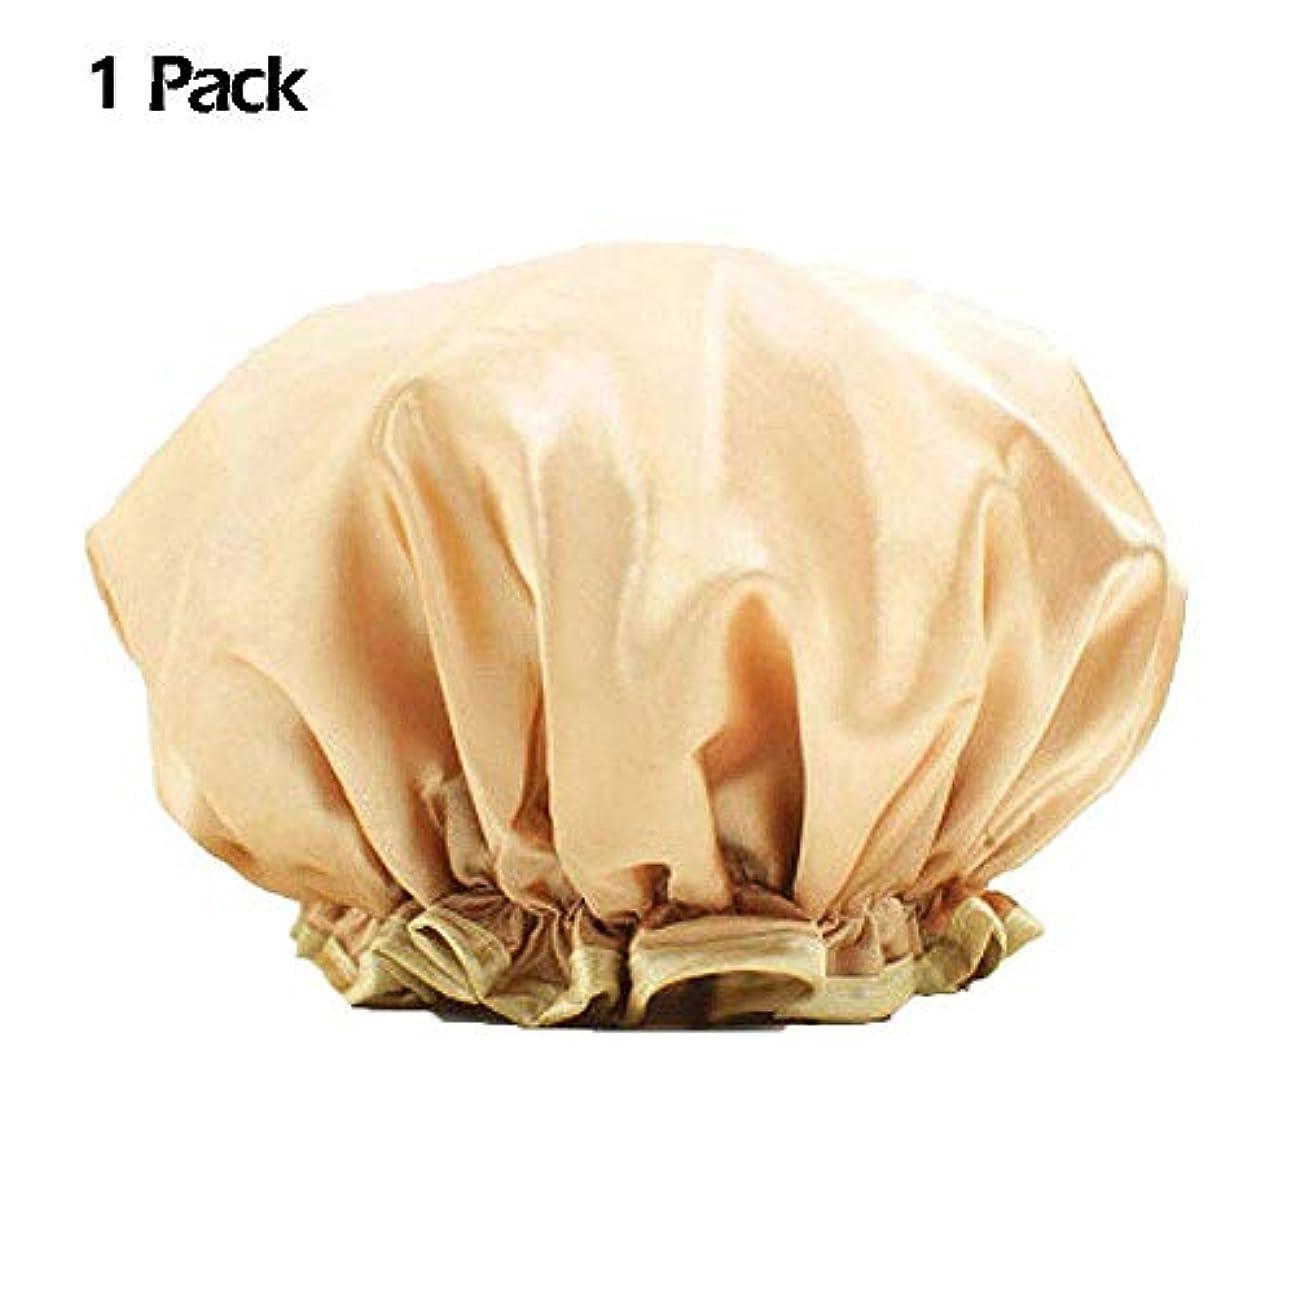 書誌最小固体化粧帽 防水シャワーキャップ 大人 ヘアキャップ 浴用帽子 入浴キャップ シャワー用に 二層 再使用可能なサロンの髪を保護する帽子 ヘアーターバン WangToall (1枚入り)